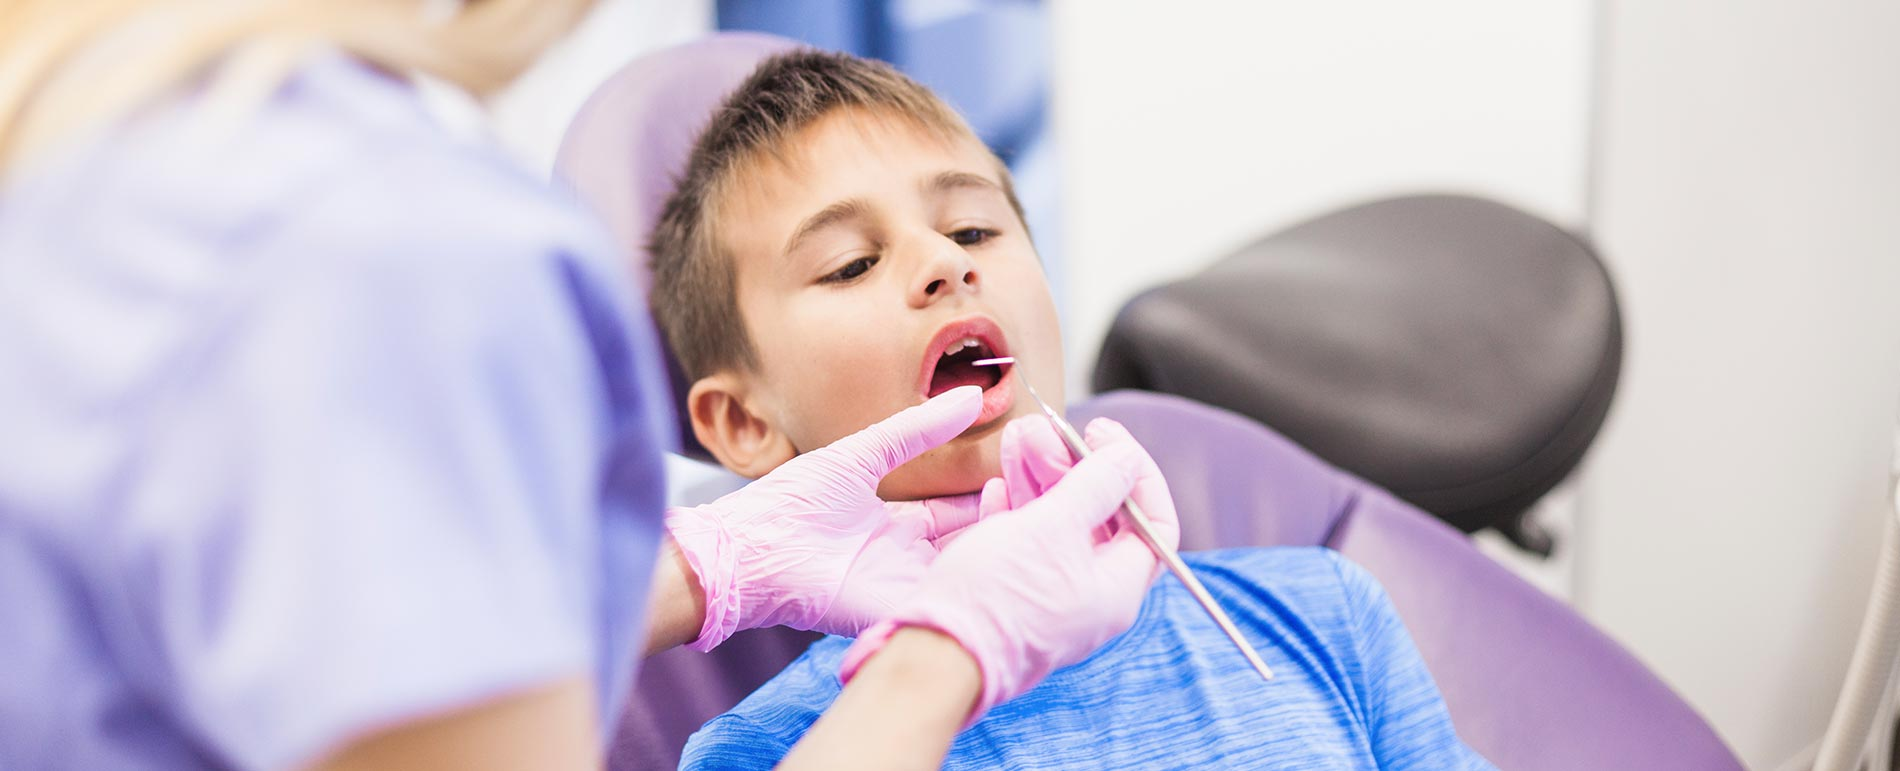 Odontología en niños en Yopal